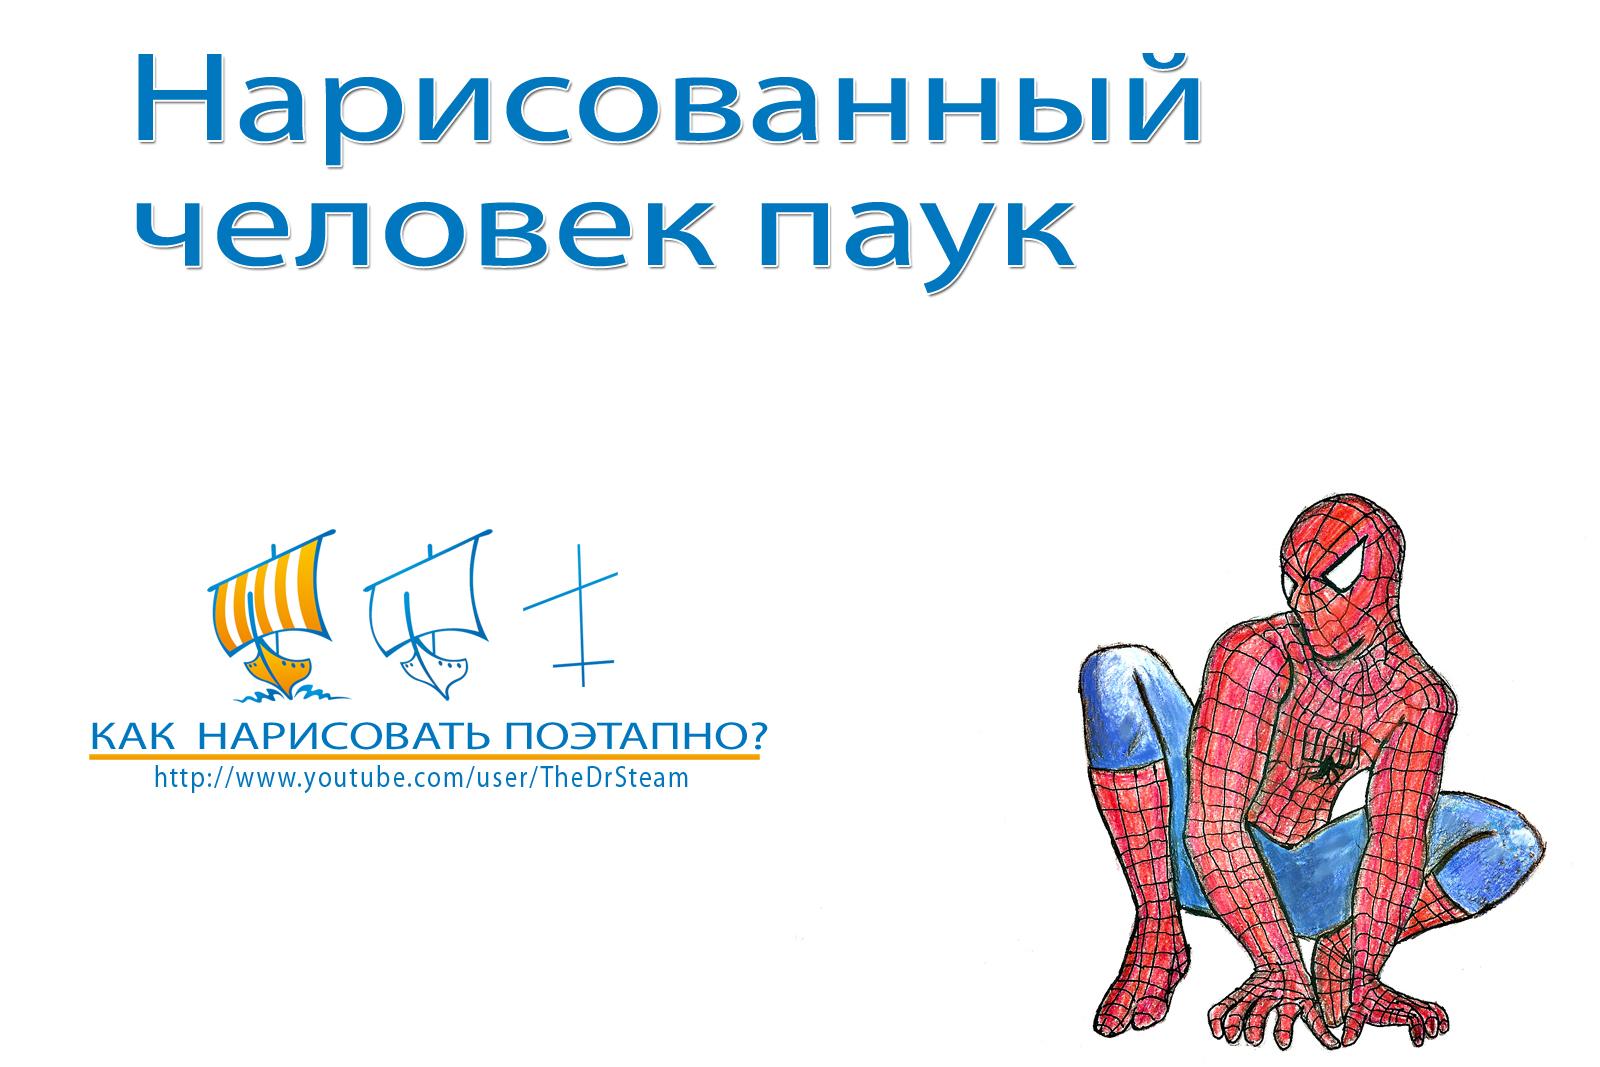 Нарисованный человек паук (Видео)